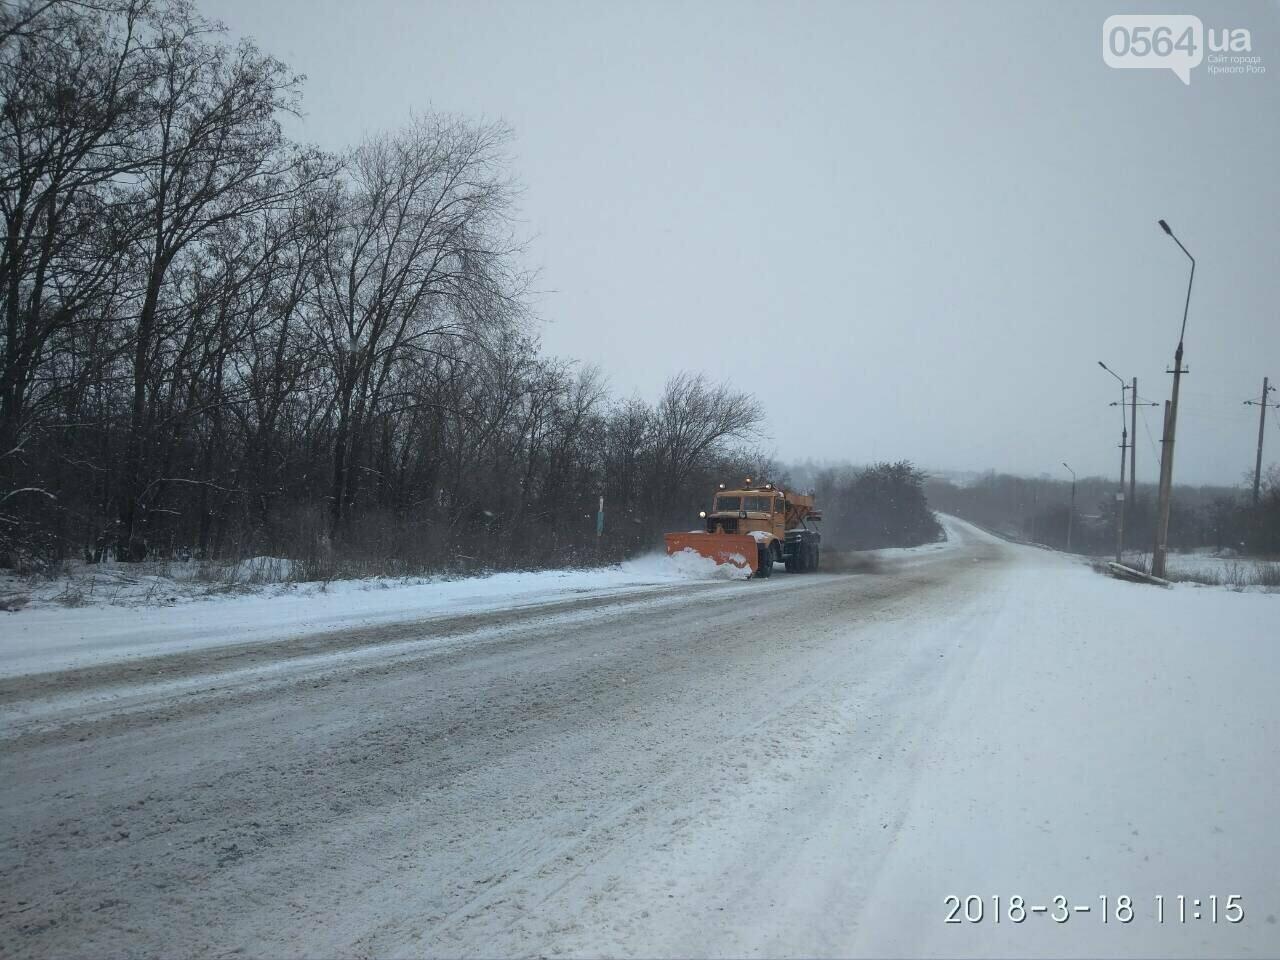 САД: Проезд по автодорогам Днепропетровщины обеспечен. Но снег усилился (ФОТО), фото-2